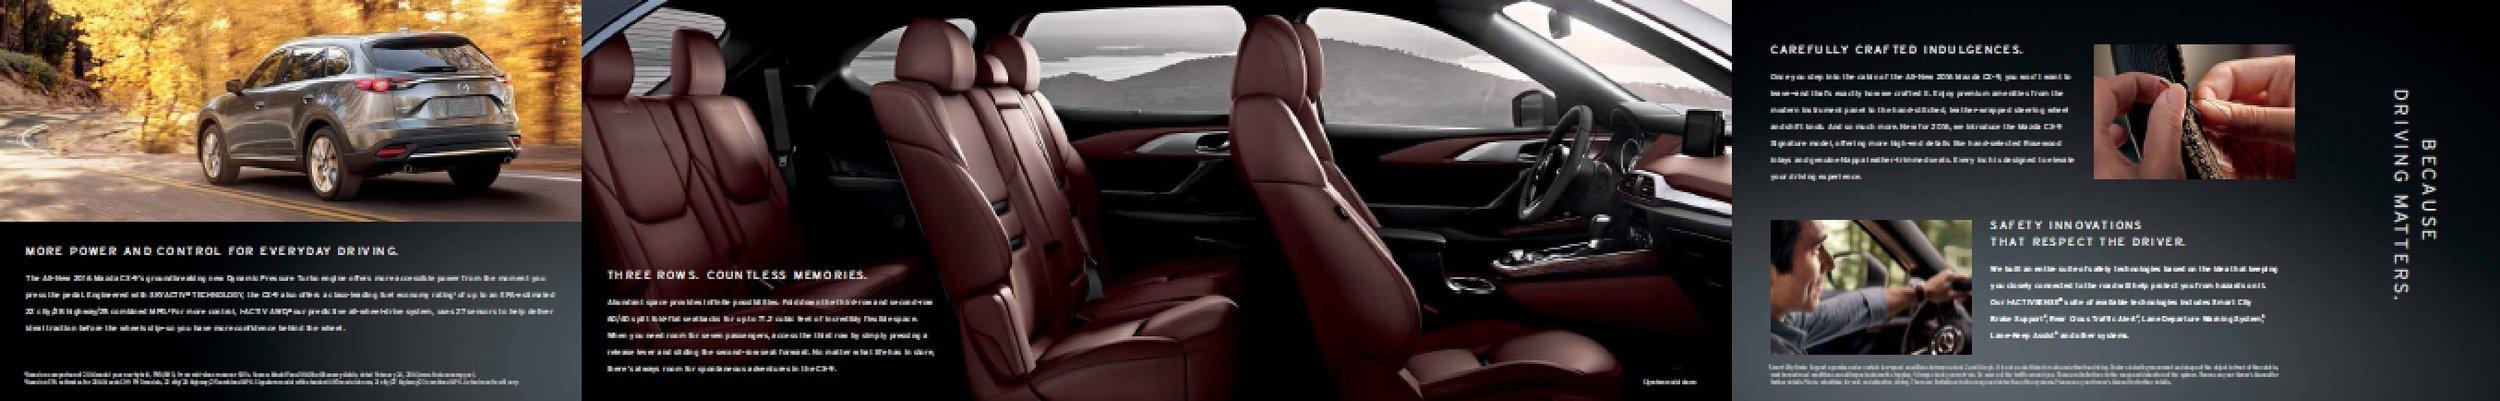 Mazda_CX9_brochure_1.jpg